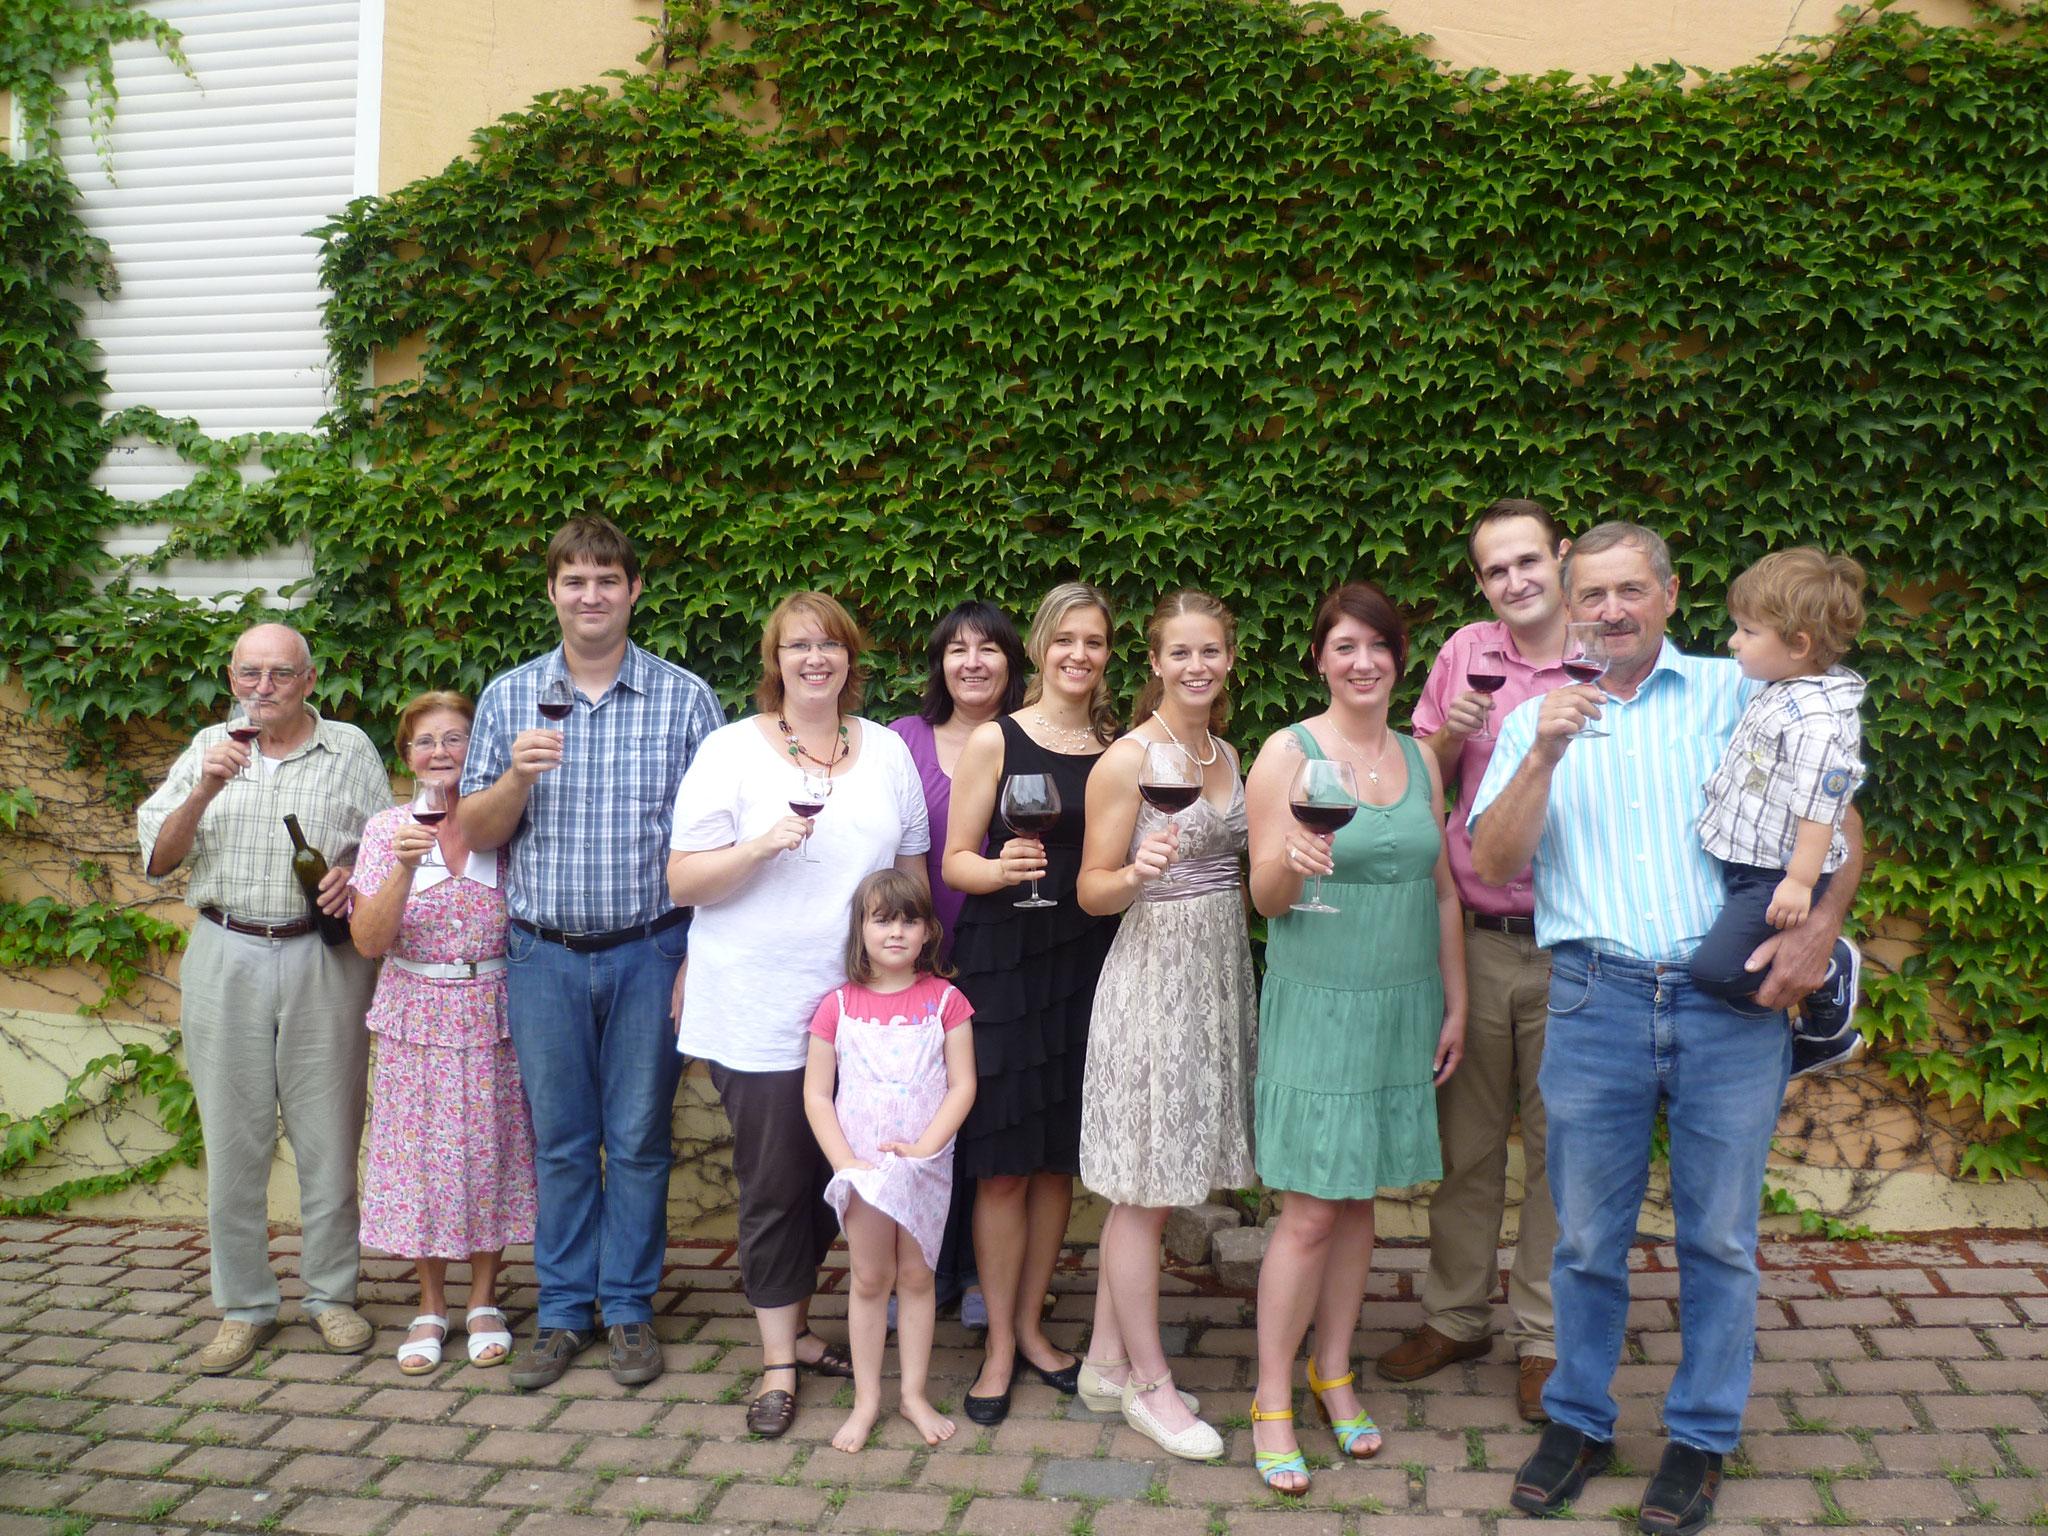 Familie Eimann mit Rotweinkönigin und Prinzessinnen 2011